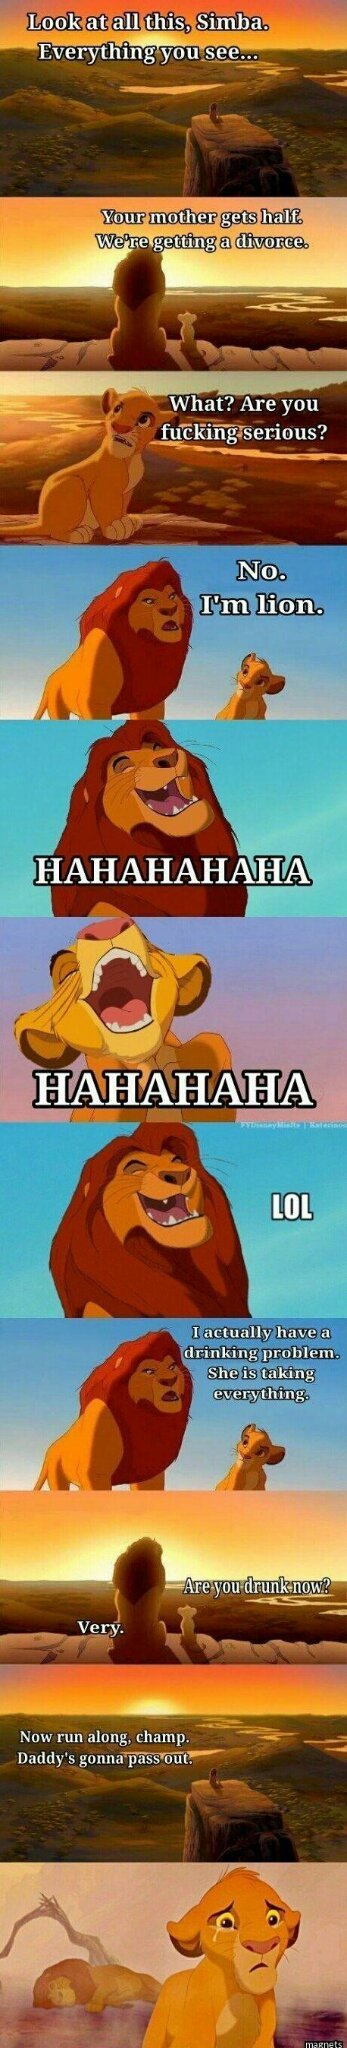 Simbaaaaaa, why?!? - meme